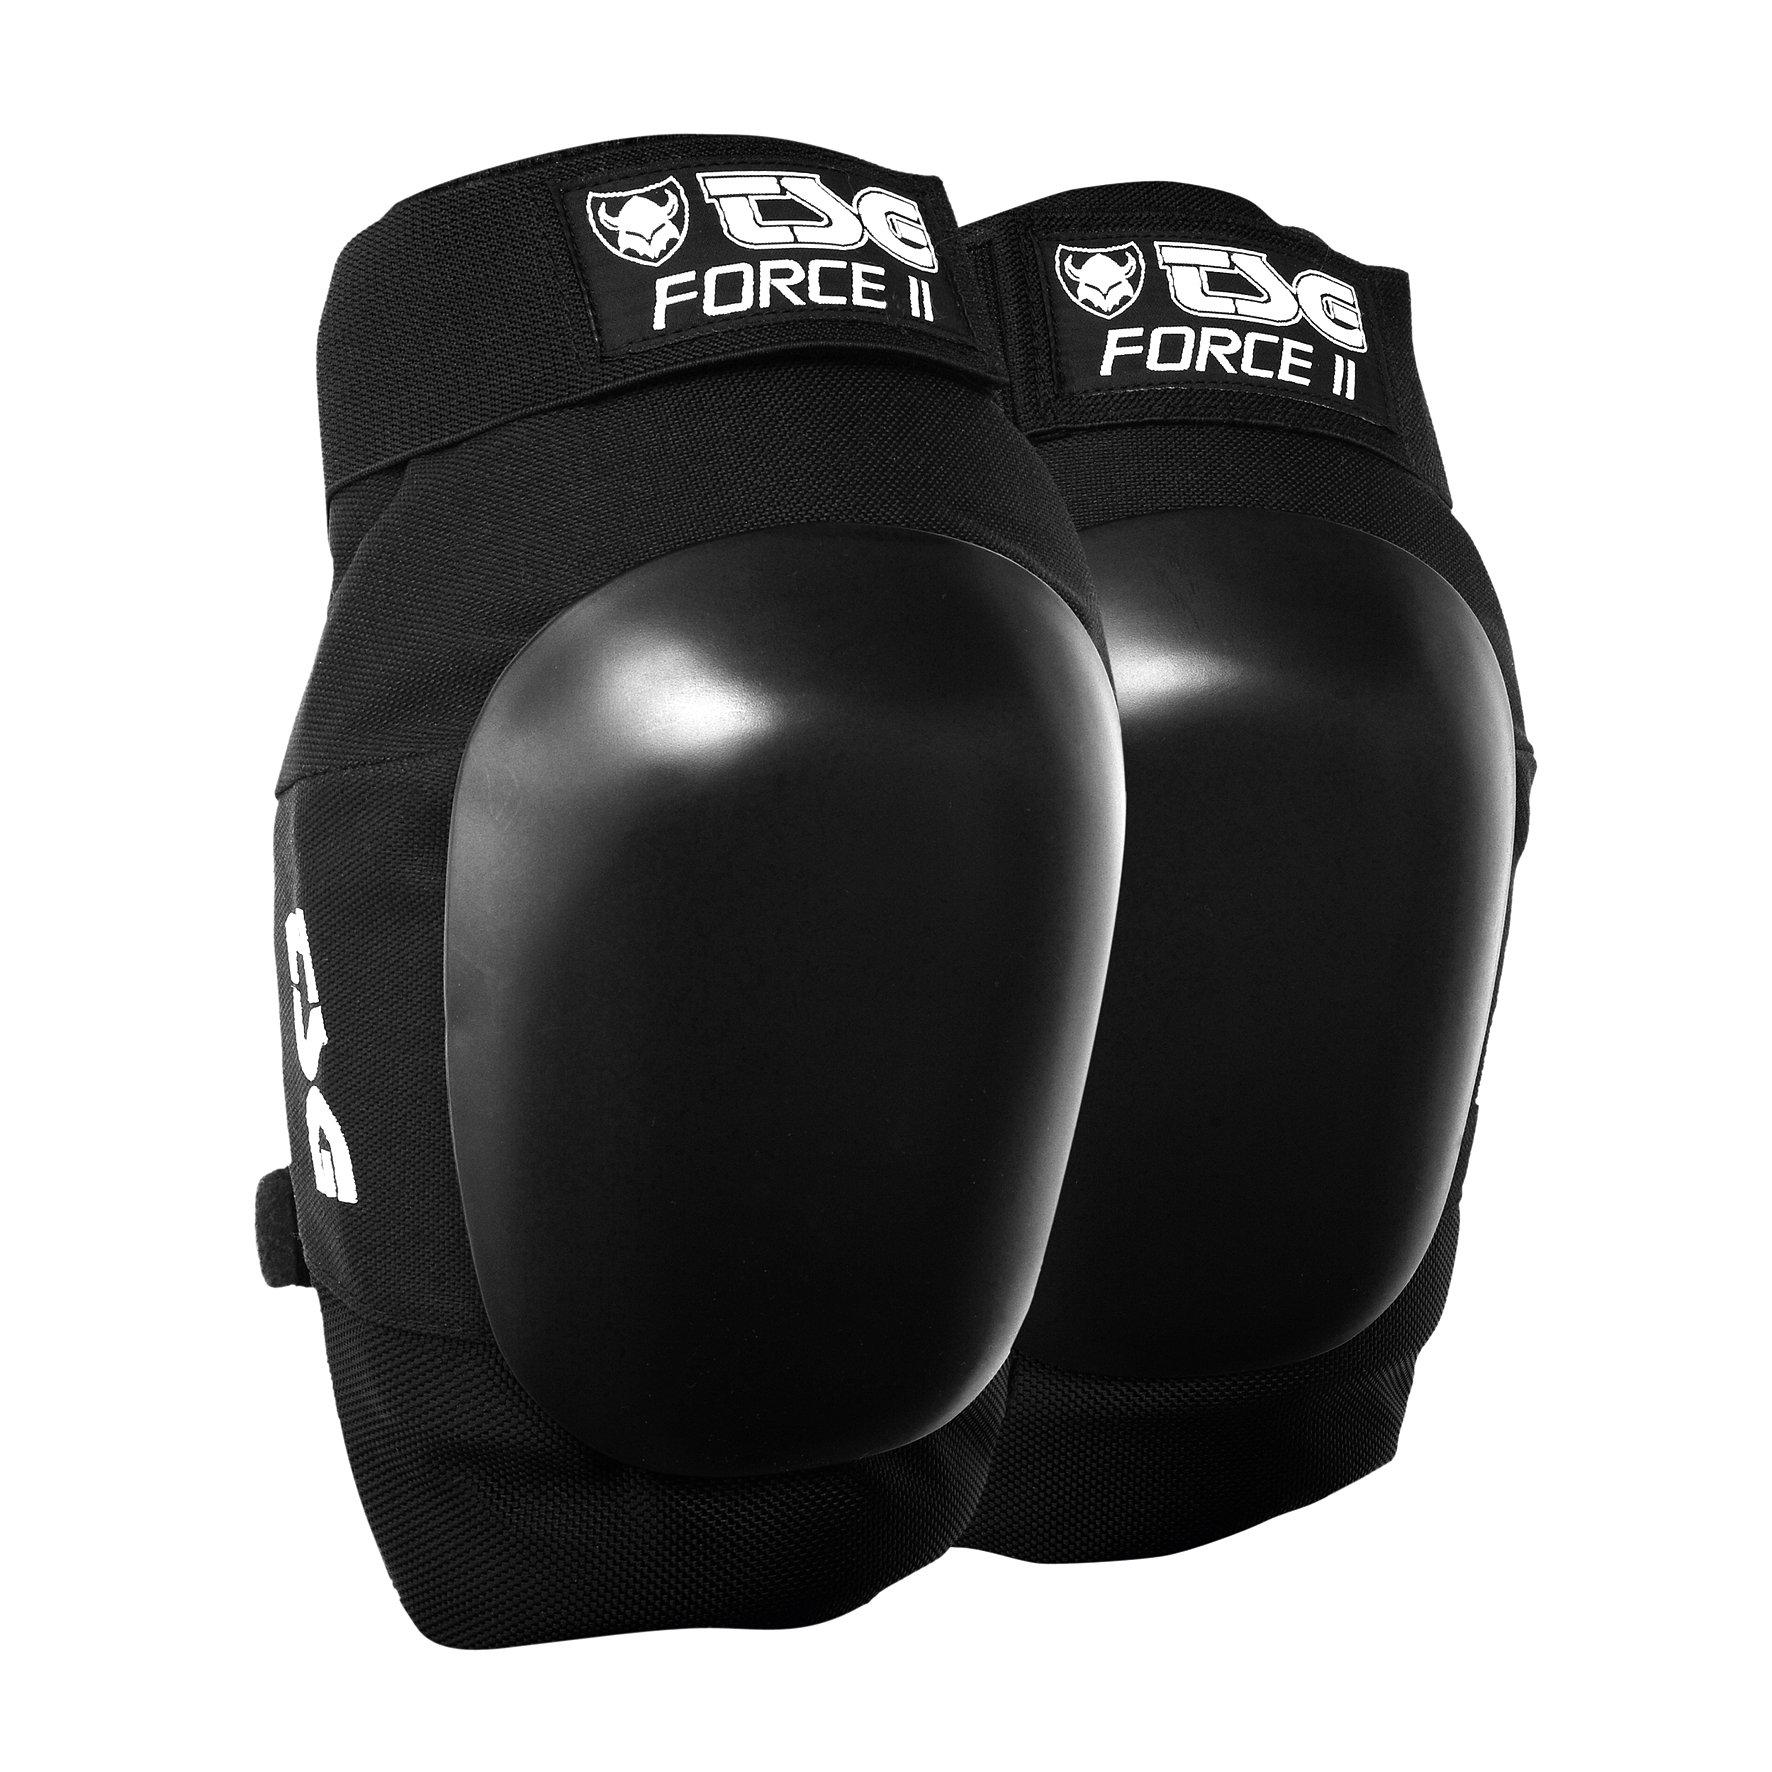 TSG Black Force 2 Knee Pad, Large by TSG